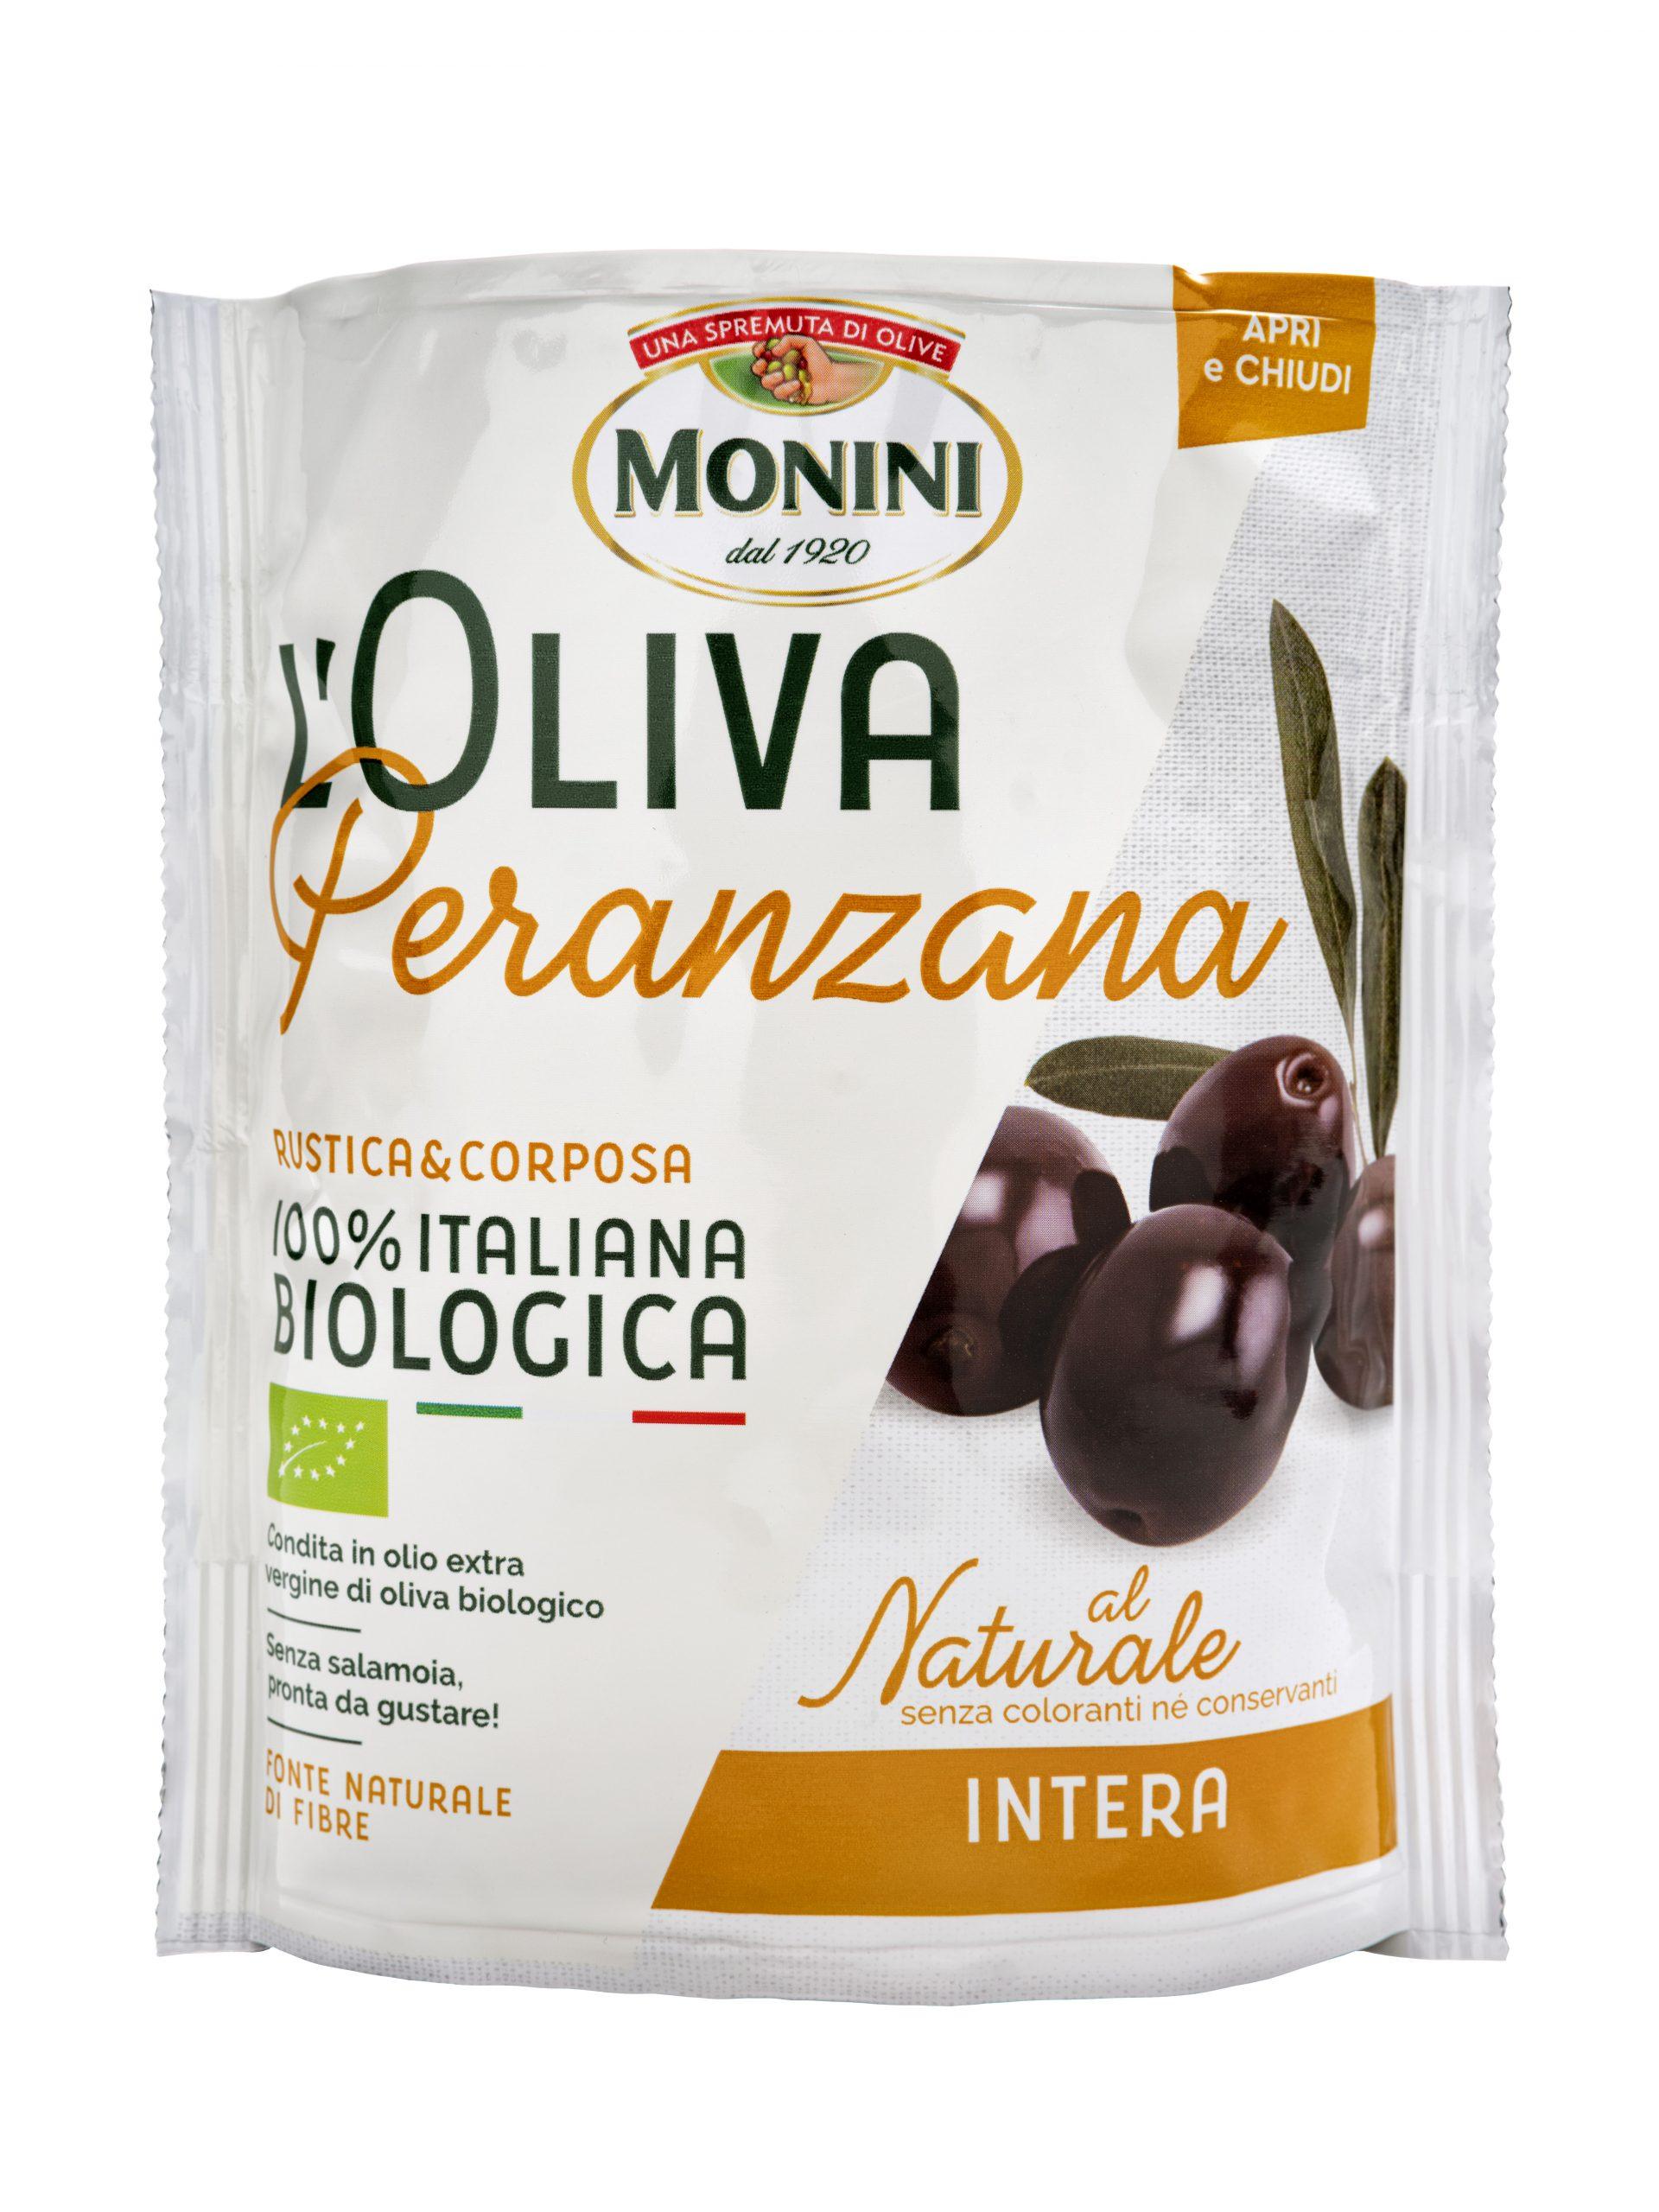 L'Oliva Peranzana 8bit